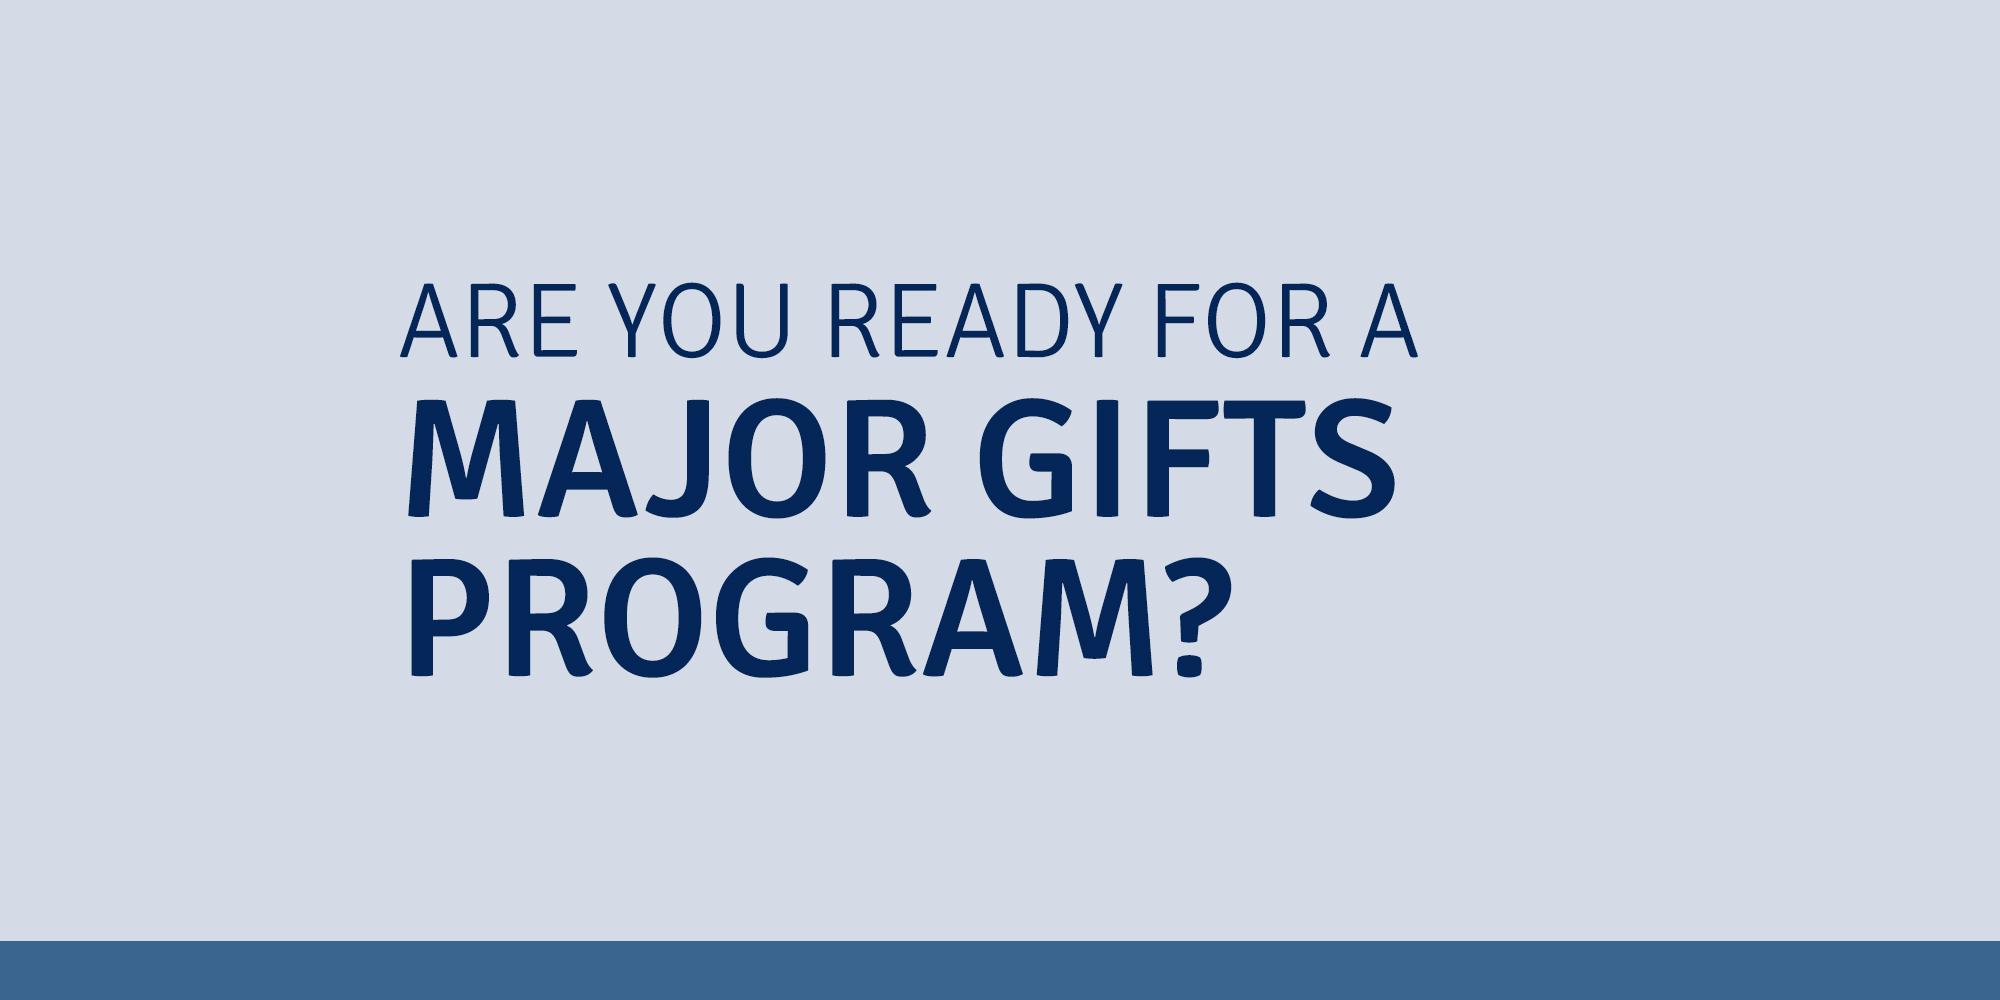 Development Dilemma: When to Start a Major Gifts Program